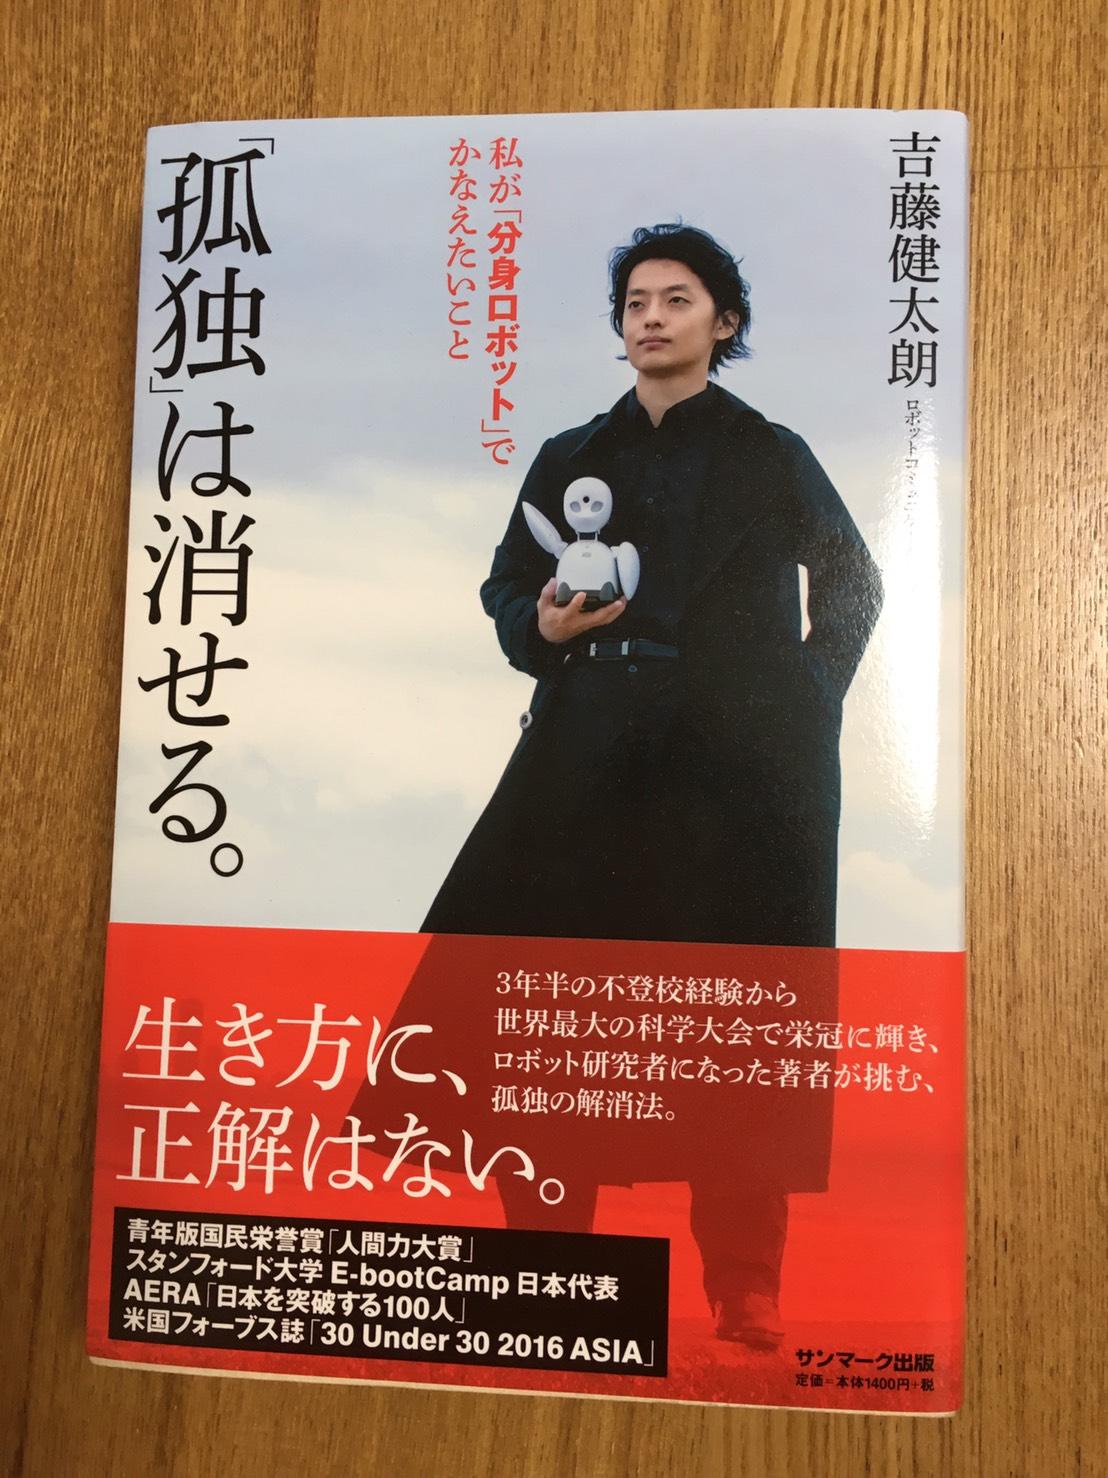 【「孤独」は消せる】吉藤健太朗